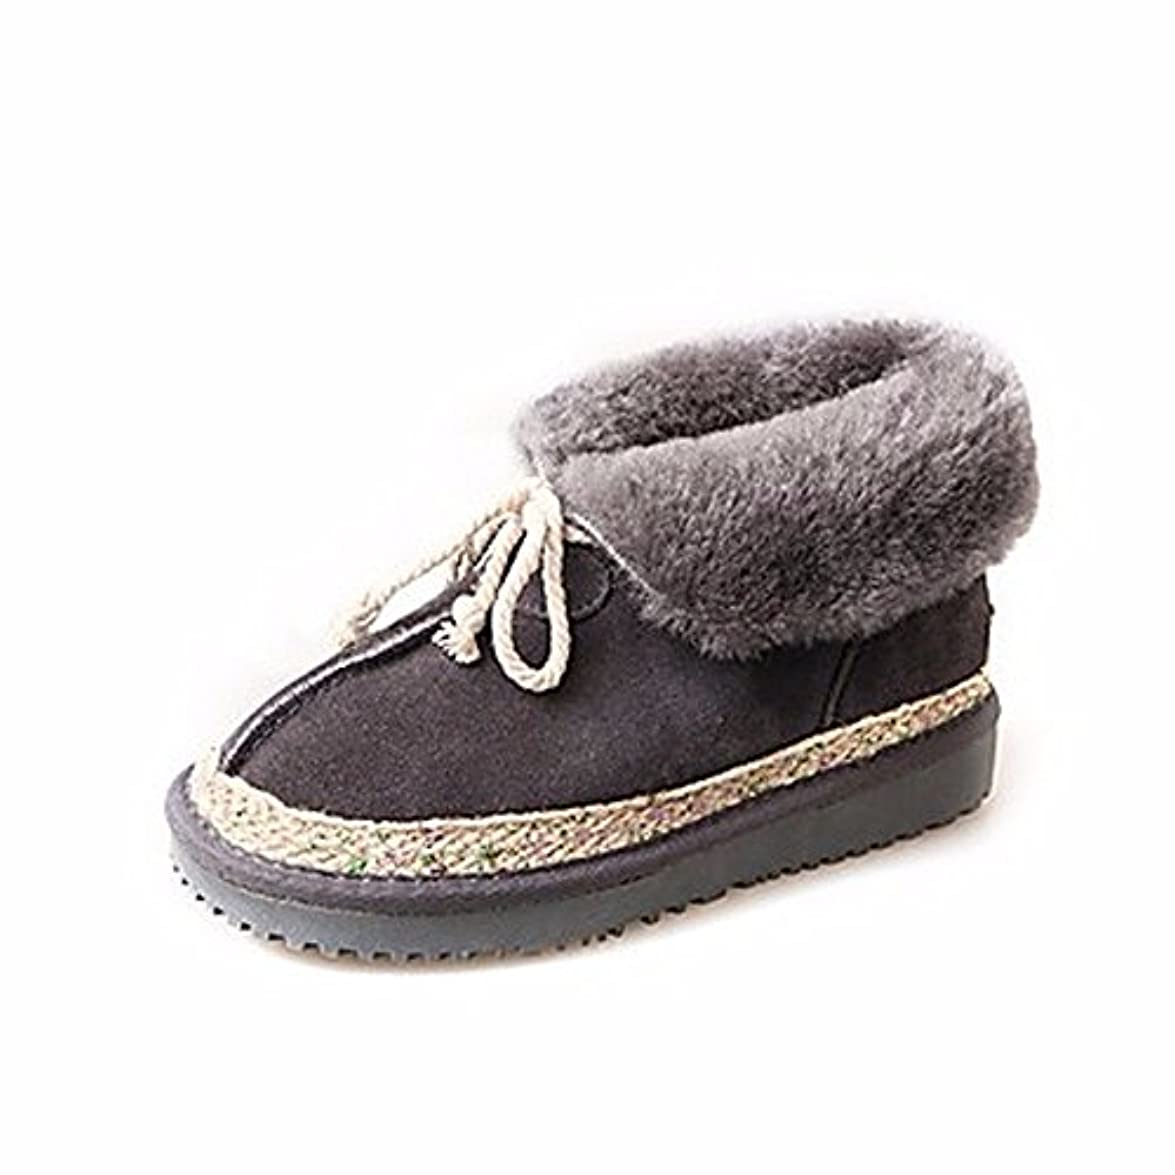 Grigio Party Casual Nero Piatto Per Stivali Lace Scarpe amp; Winter Donna Sera Snow Toe Up Round Zhudj Boots Tacco